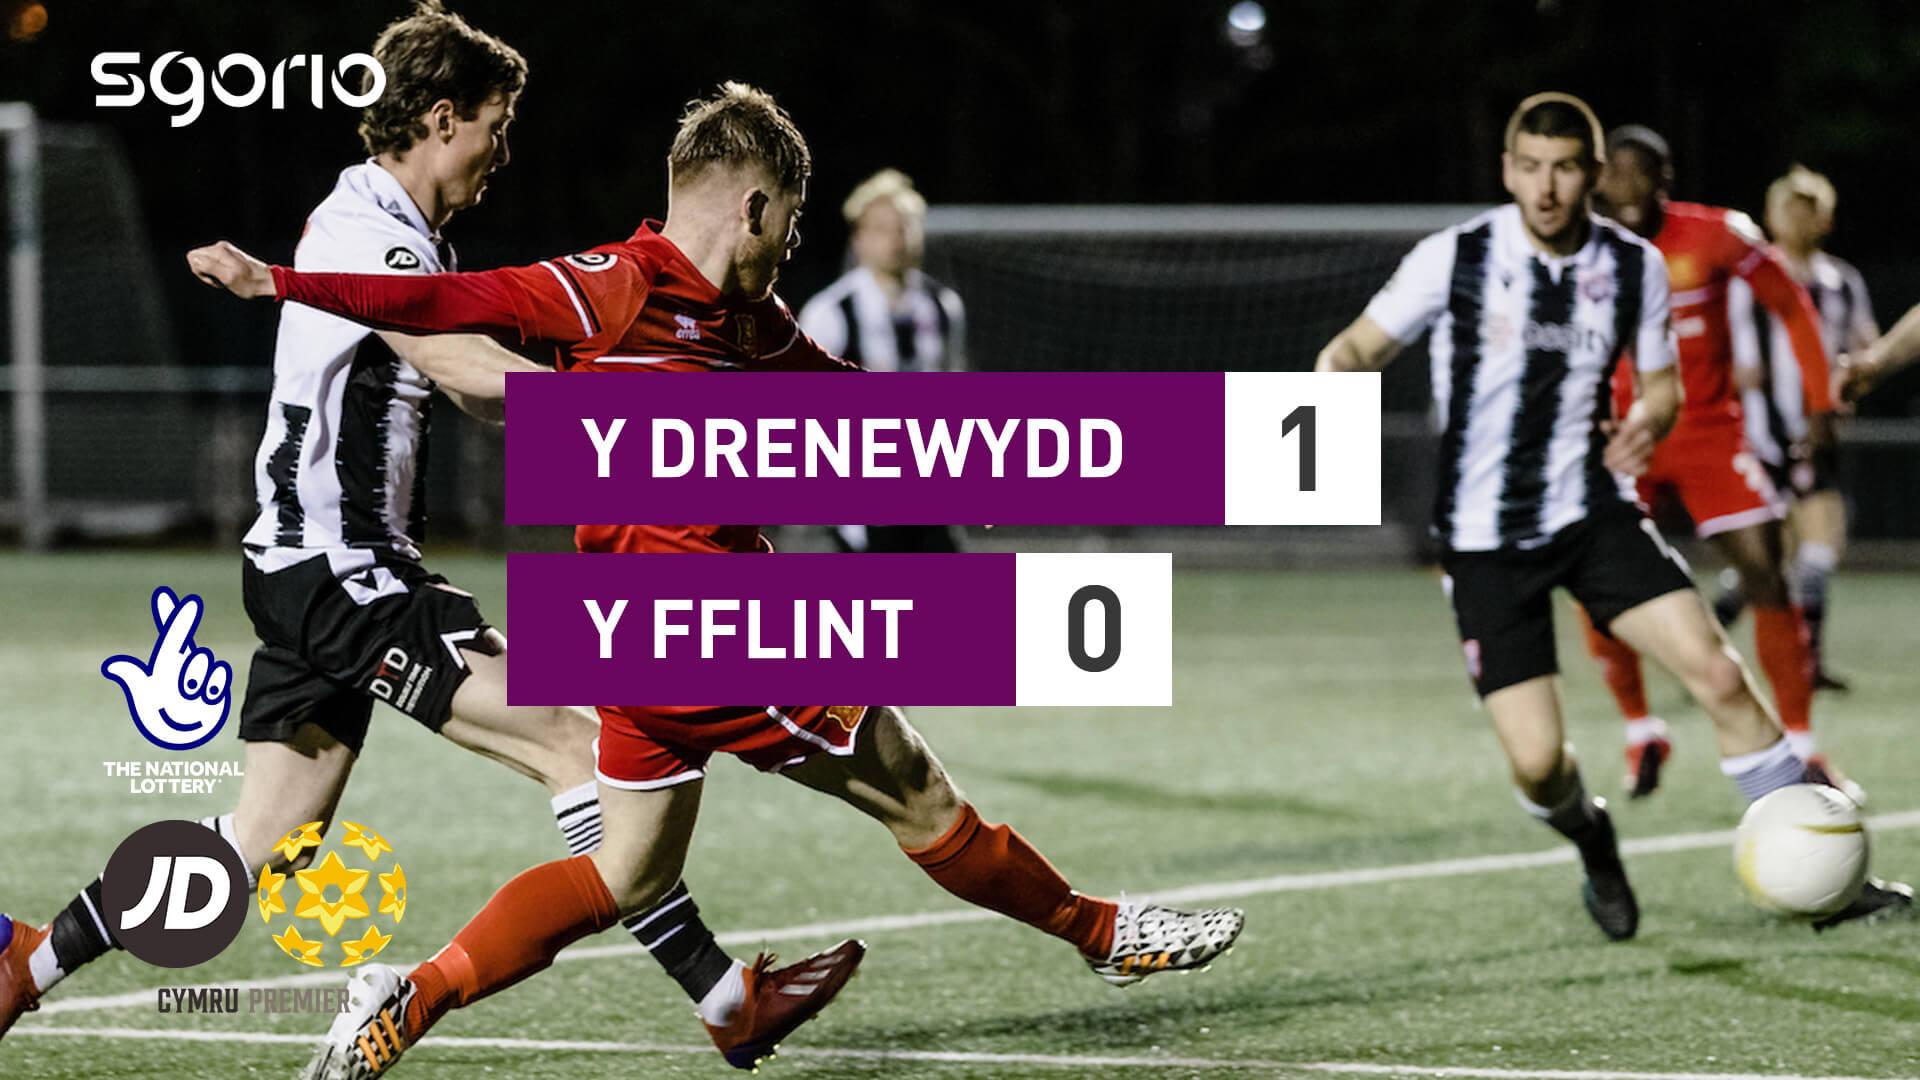 Y Drenewydd 1-0 Y Fflint